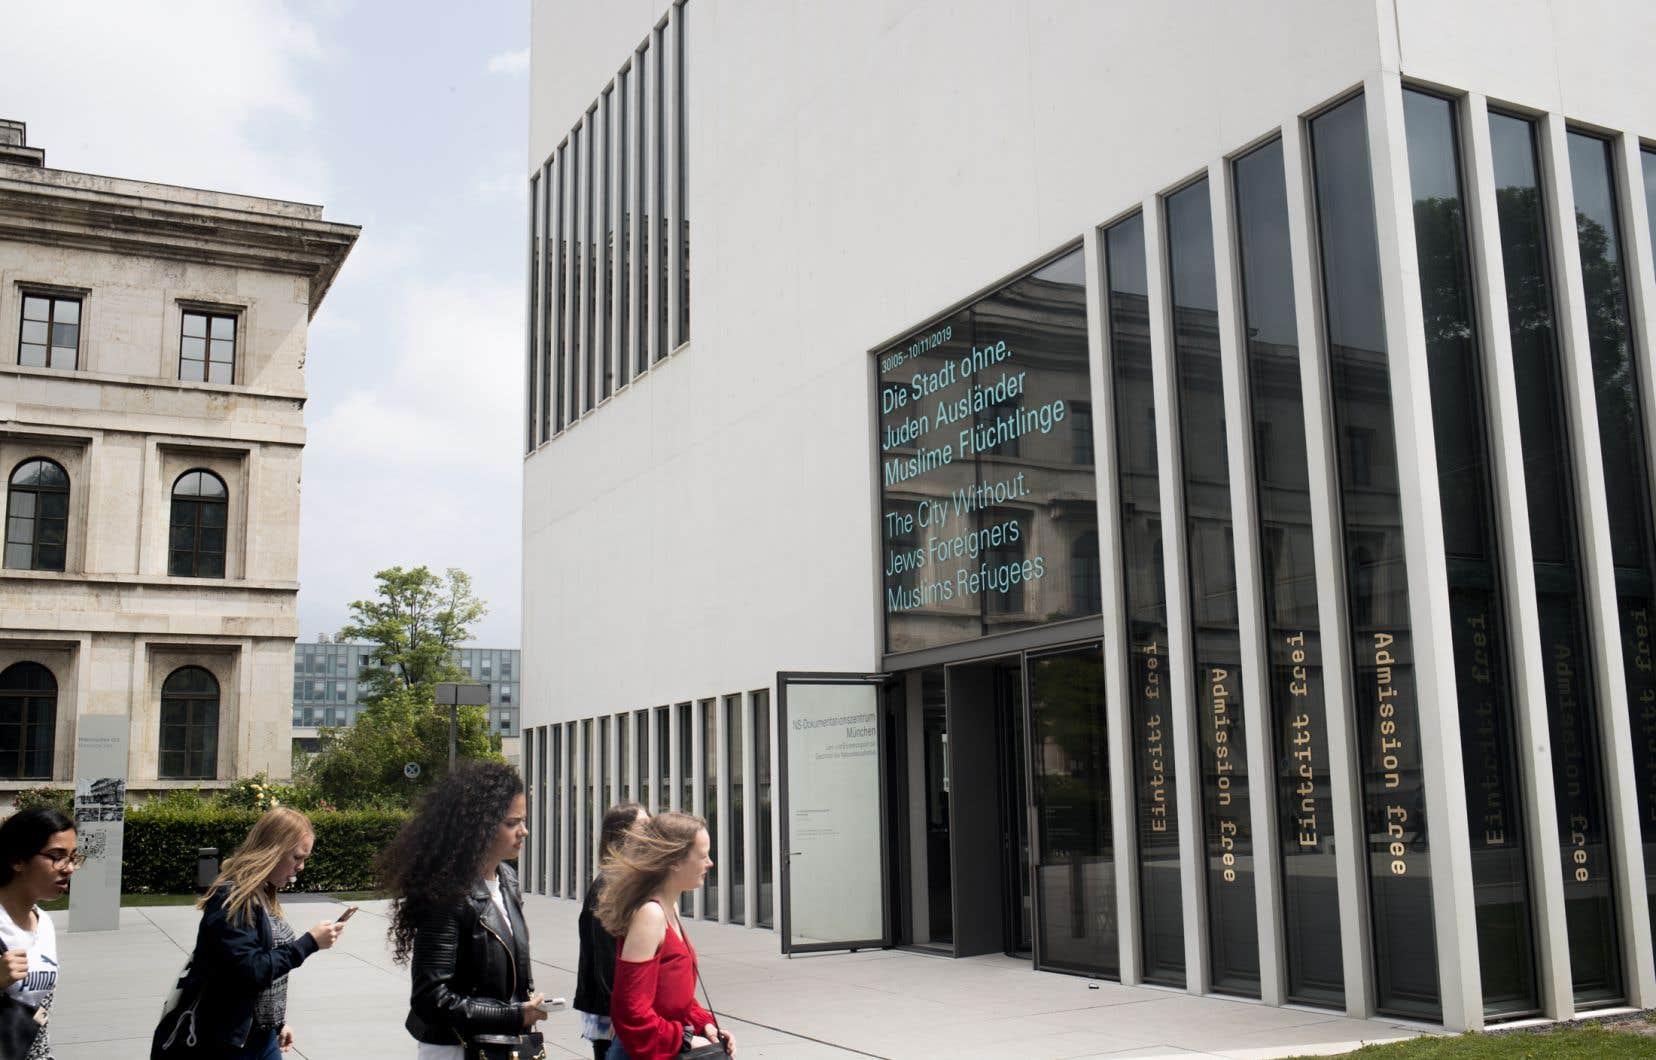 Le Centre de documentation de Munich sur le national-socialisme occupe l'emplacement de l'ancienne Braunes Haus, premier immeuble du NSDAP.